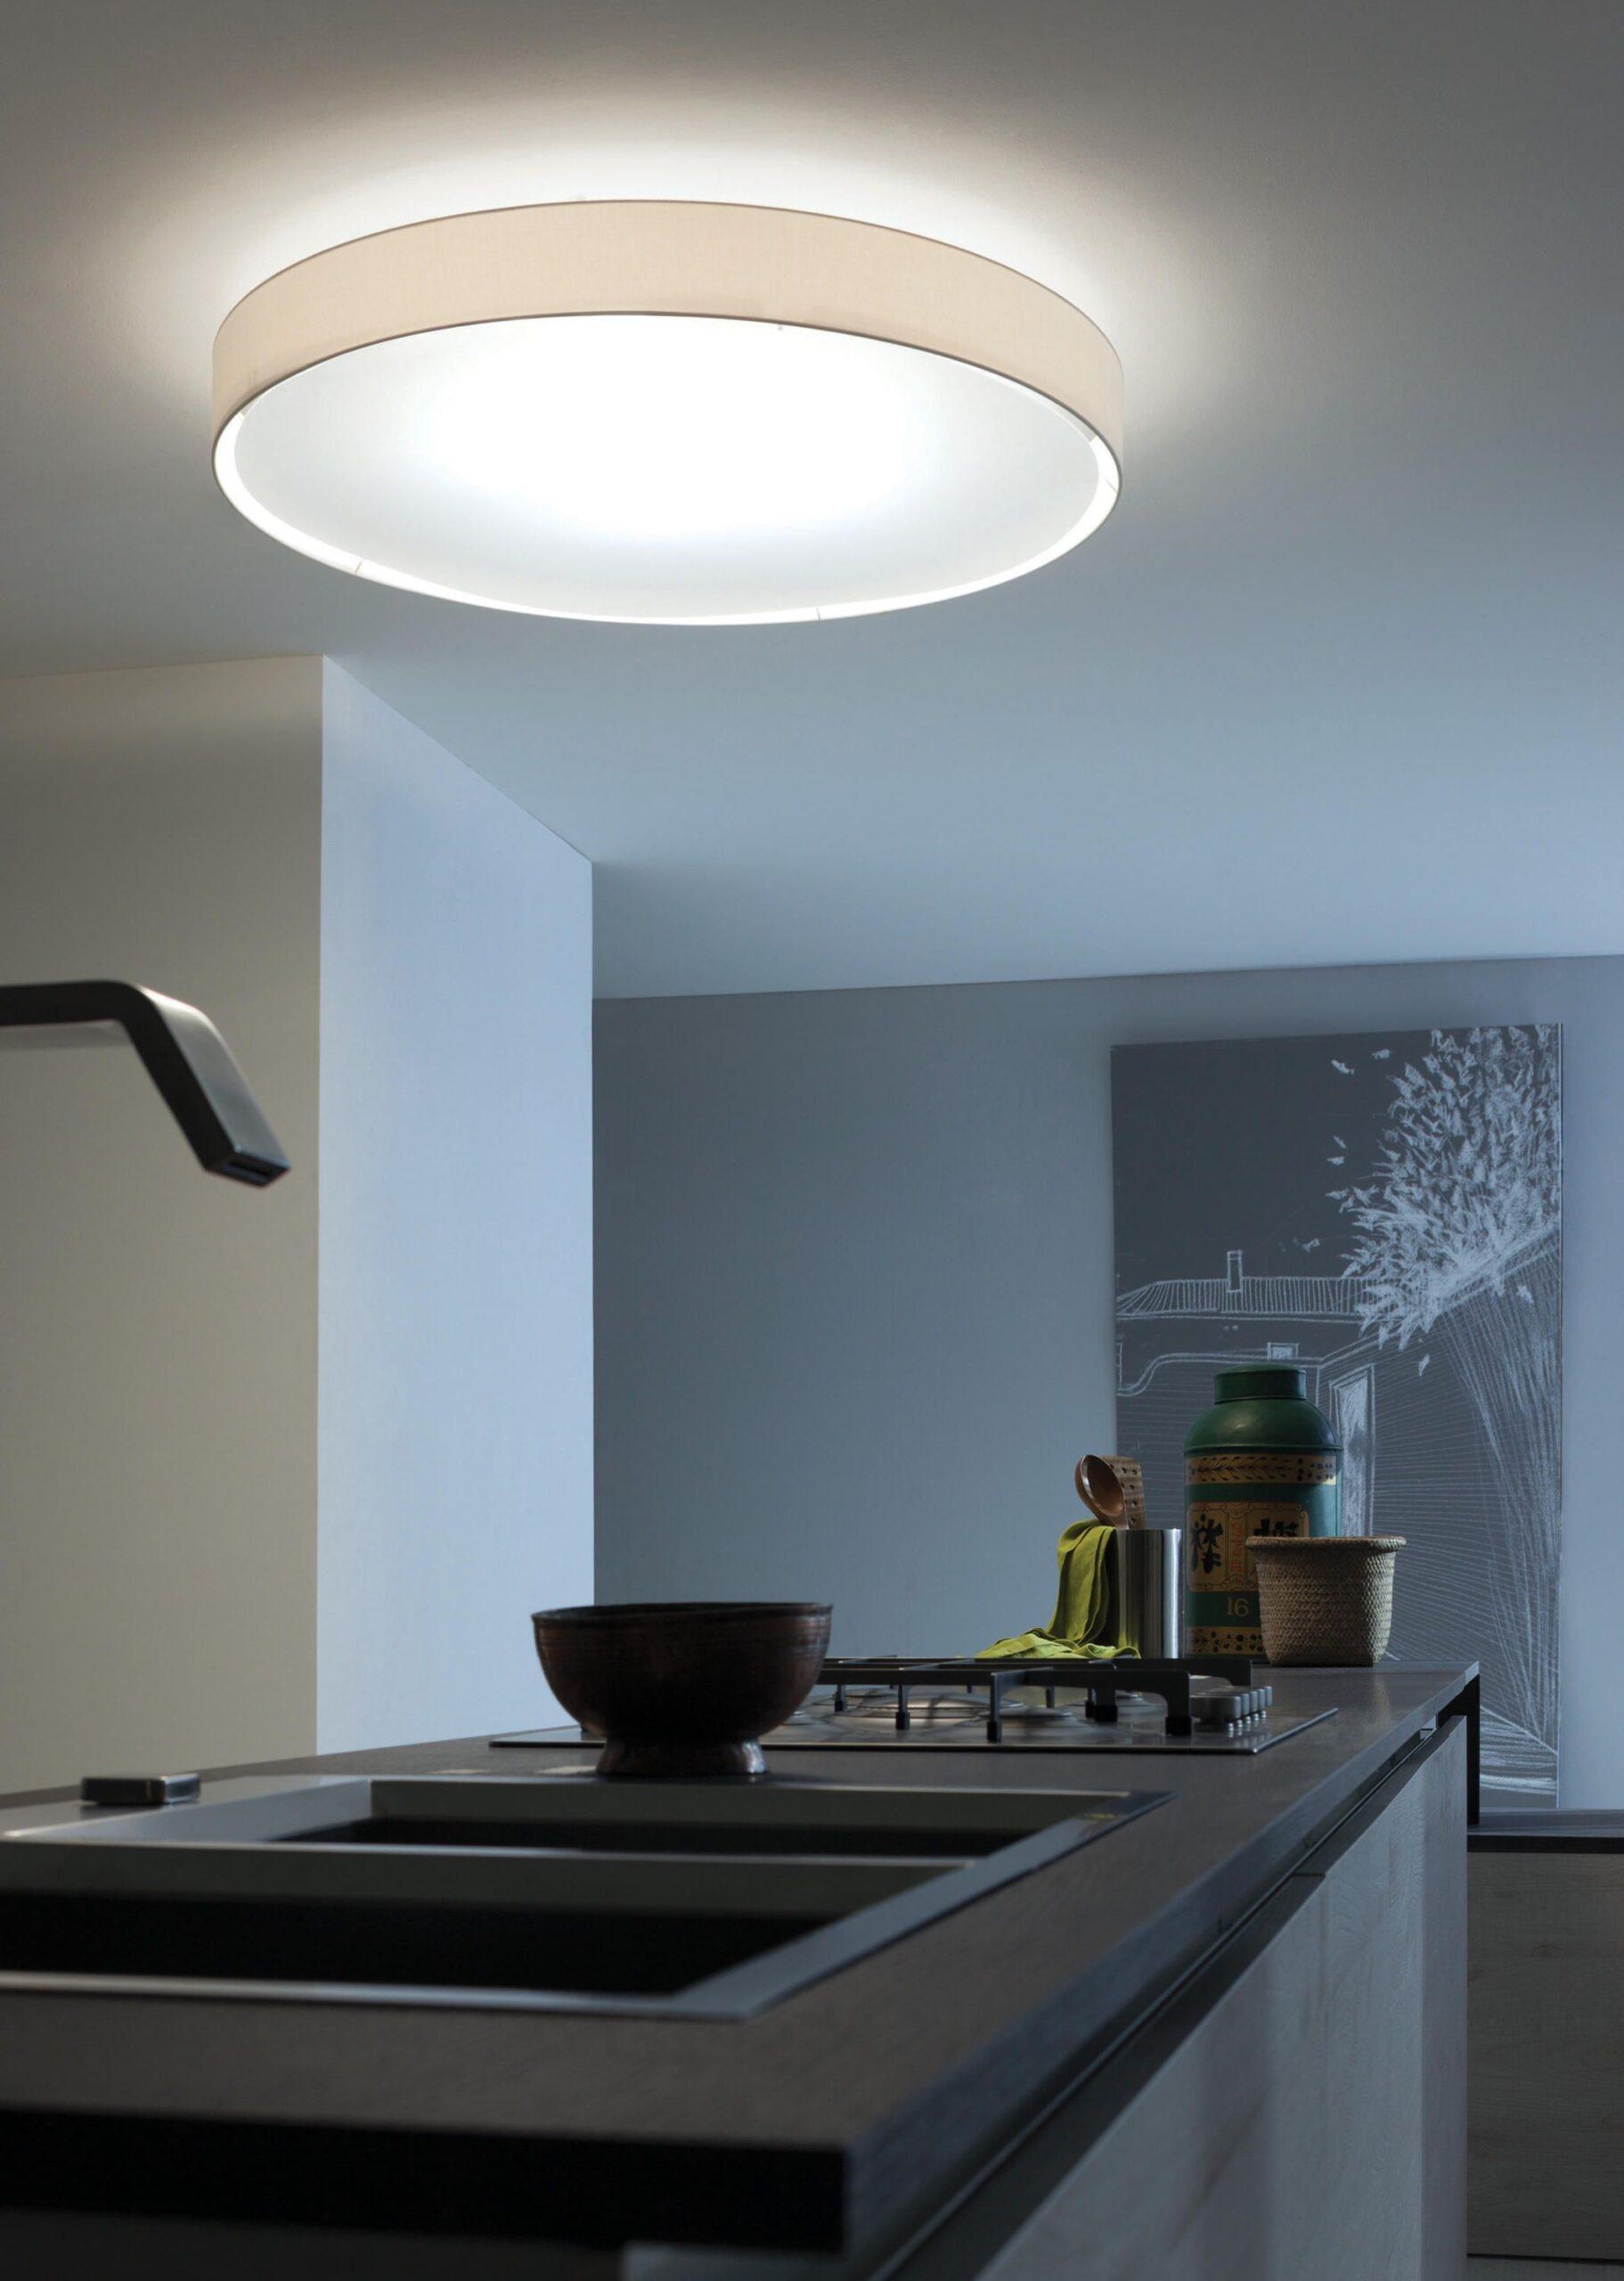 Full Size of Wohnzimmer Deckenlampe Modern Ikea Krusning In 2019 Moderne Landhausküche Esstisch Deckenlampen Bad Küche Holz Bilder Deckenleuchte Fürs Schlafzimmer Wohnzimmer Deckenlampe Modern